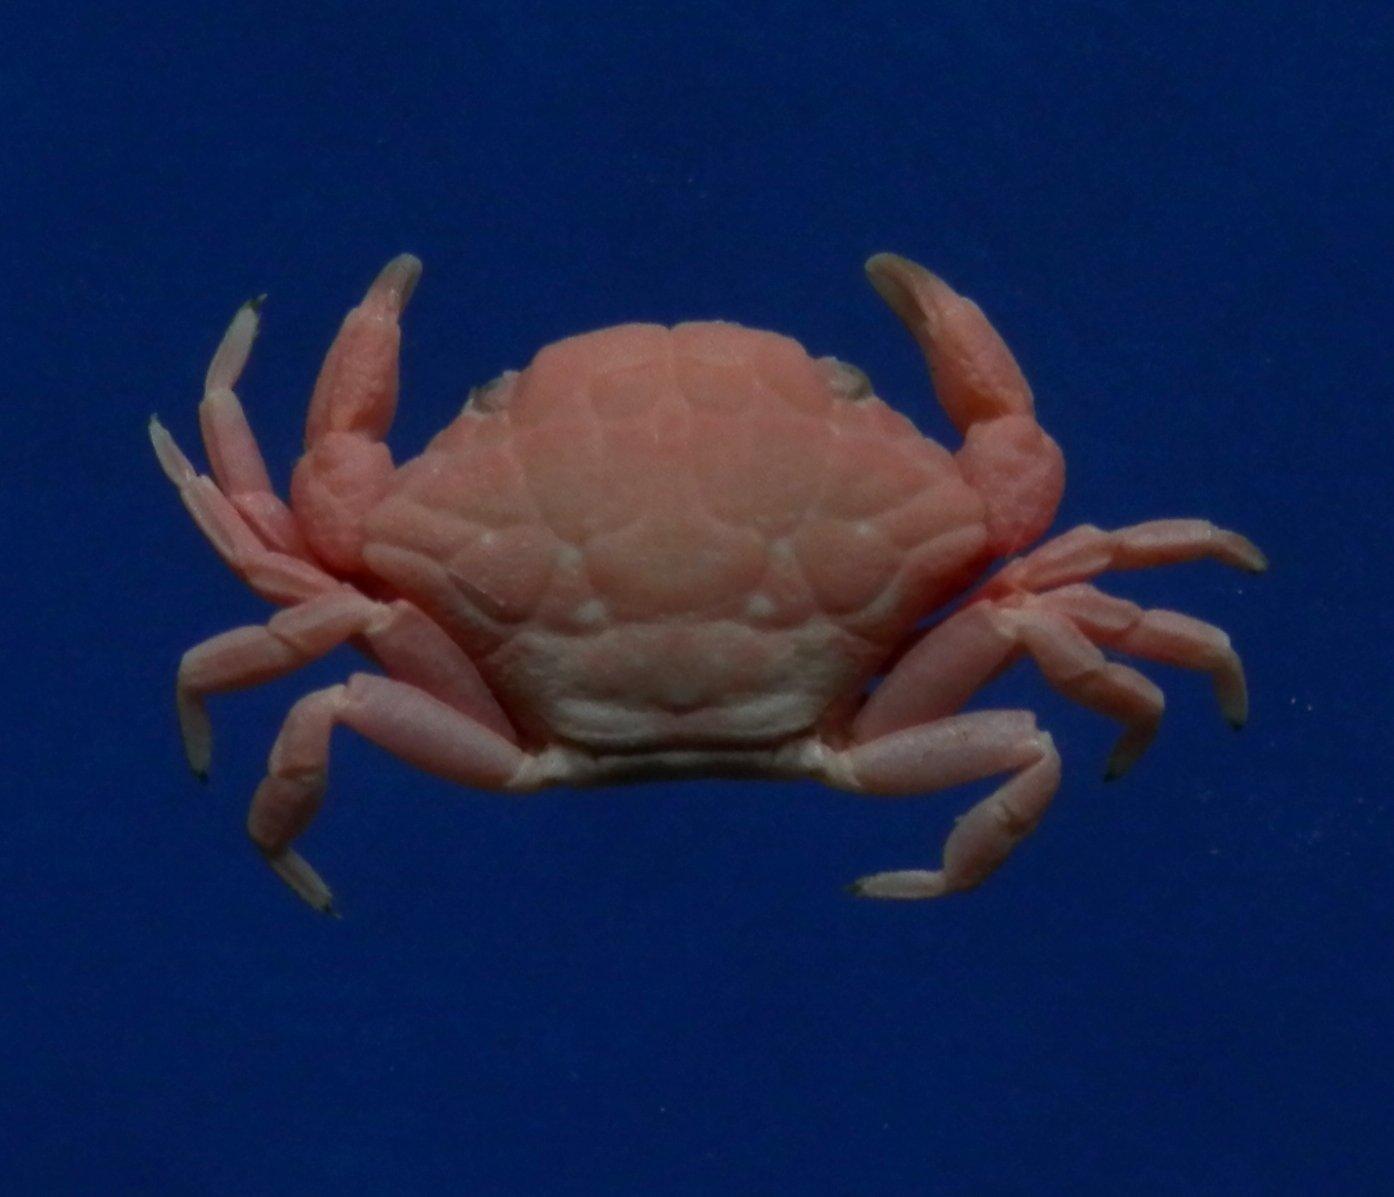 B783-32887 Round crab - Liomera aff. tristis